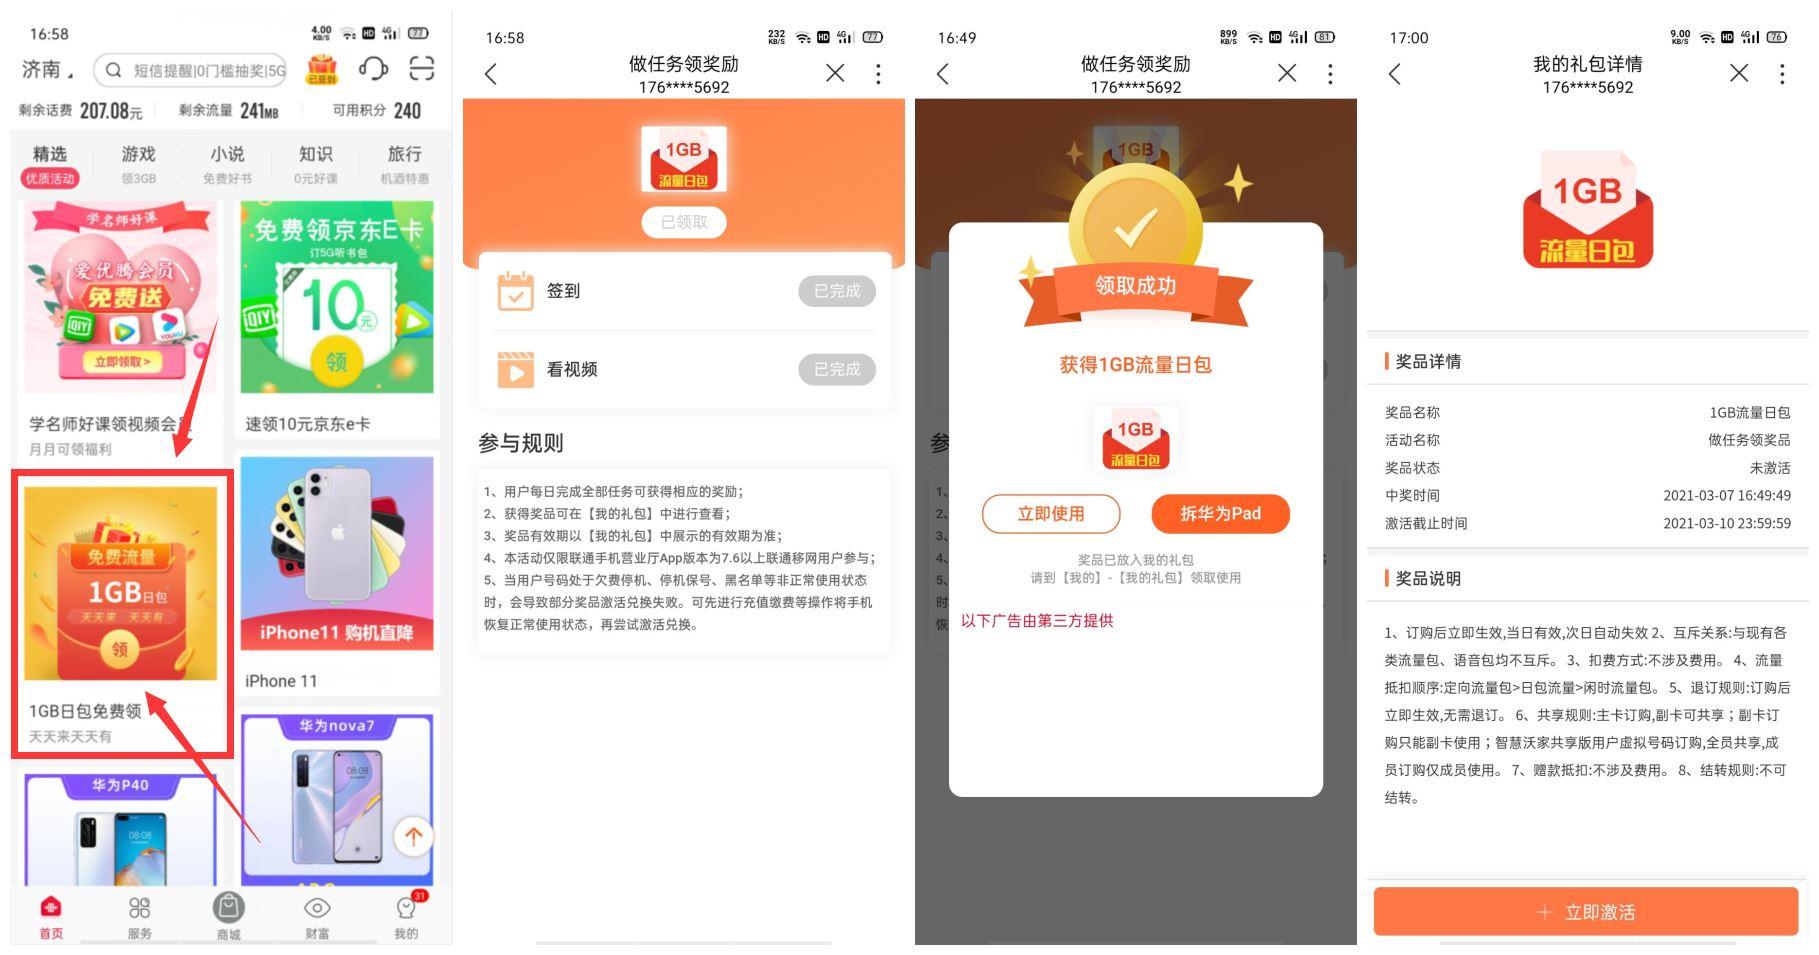 中国联通每天免费领1G日包流量